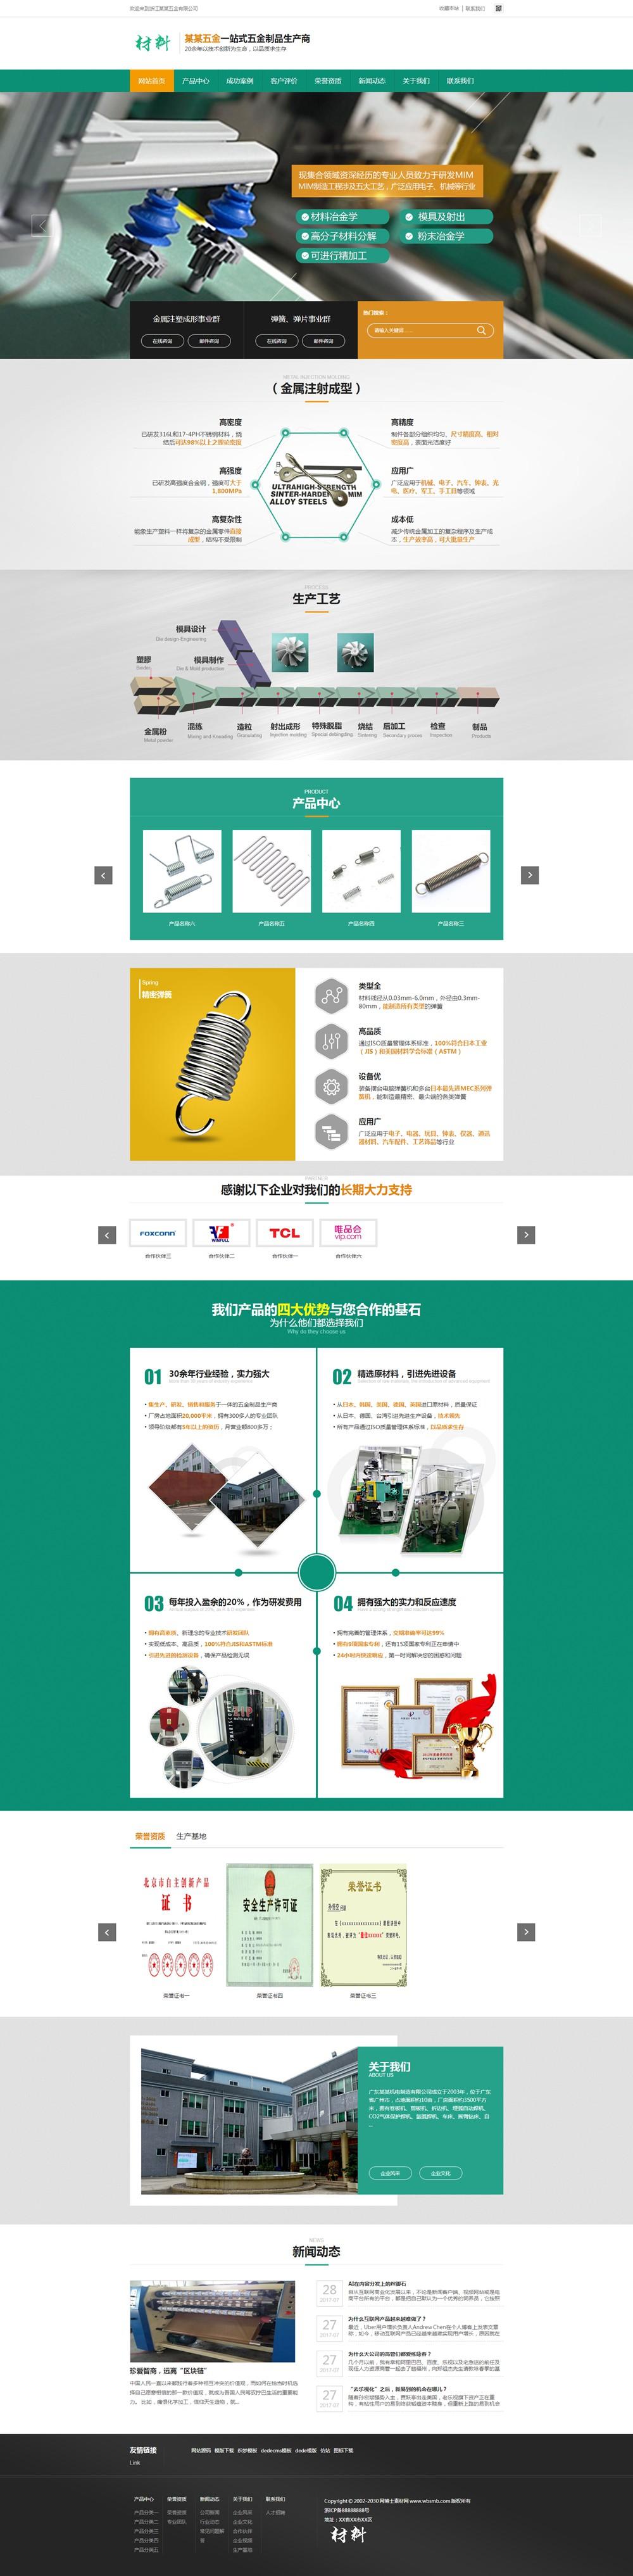 (带手机版数据同步)营销型精密材料模具五金类网站织梦模板 精密仪器设备网站源码